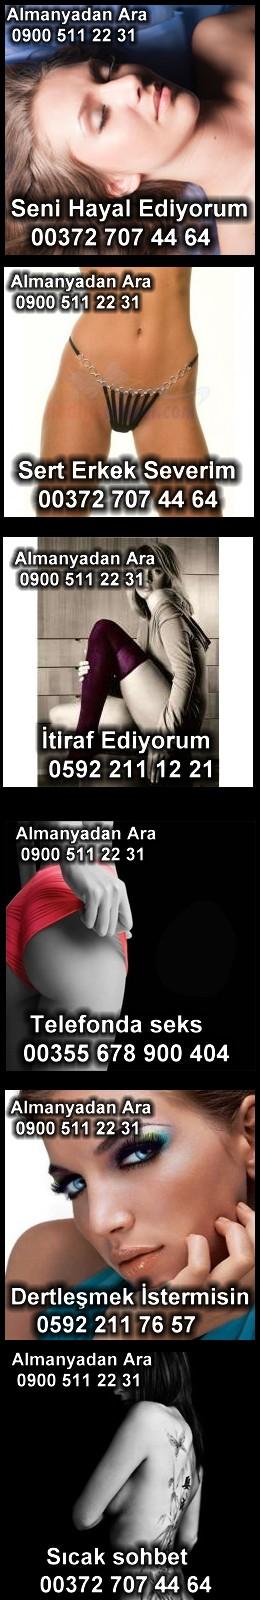 Telefon sohbet numaraları